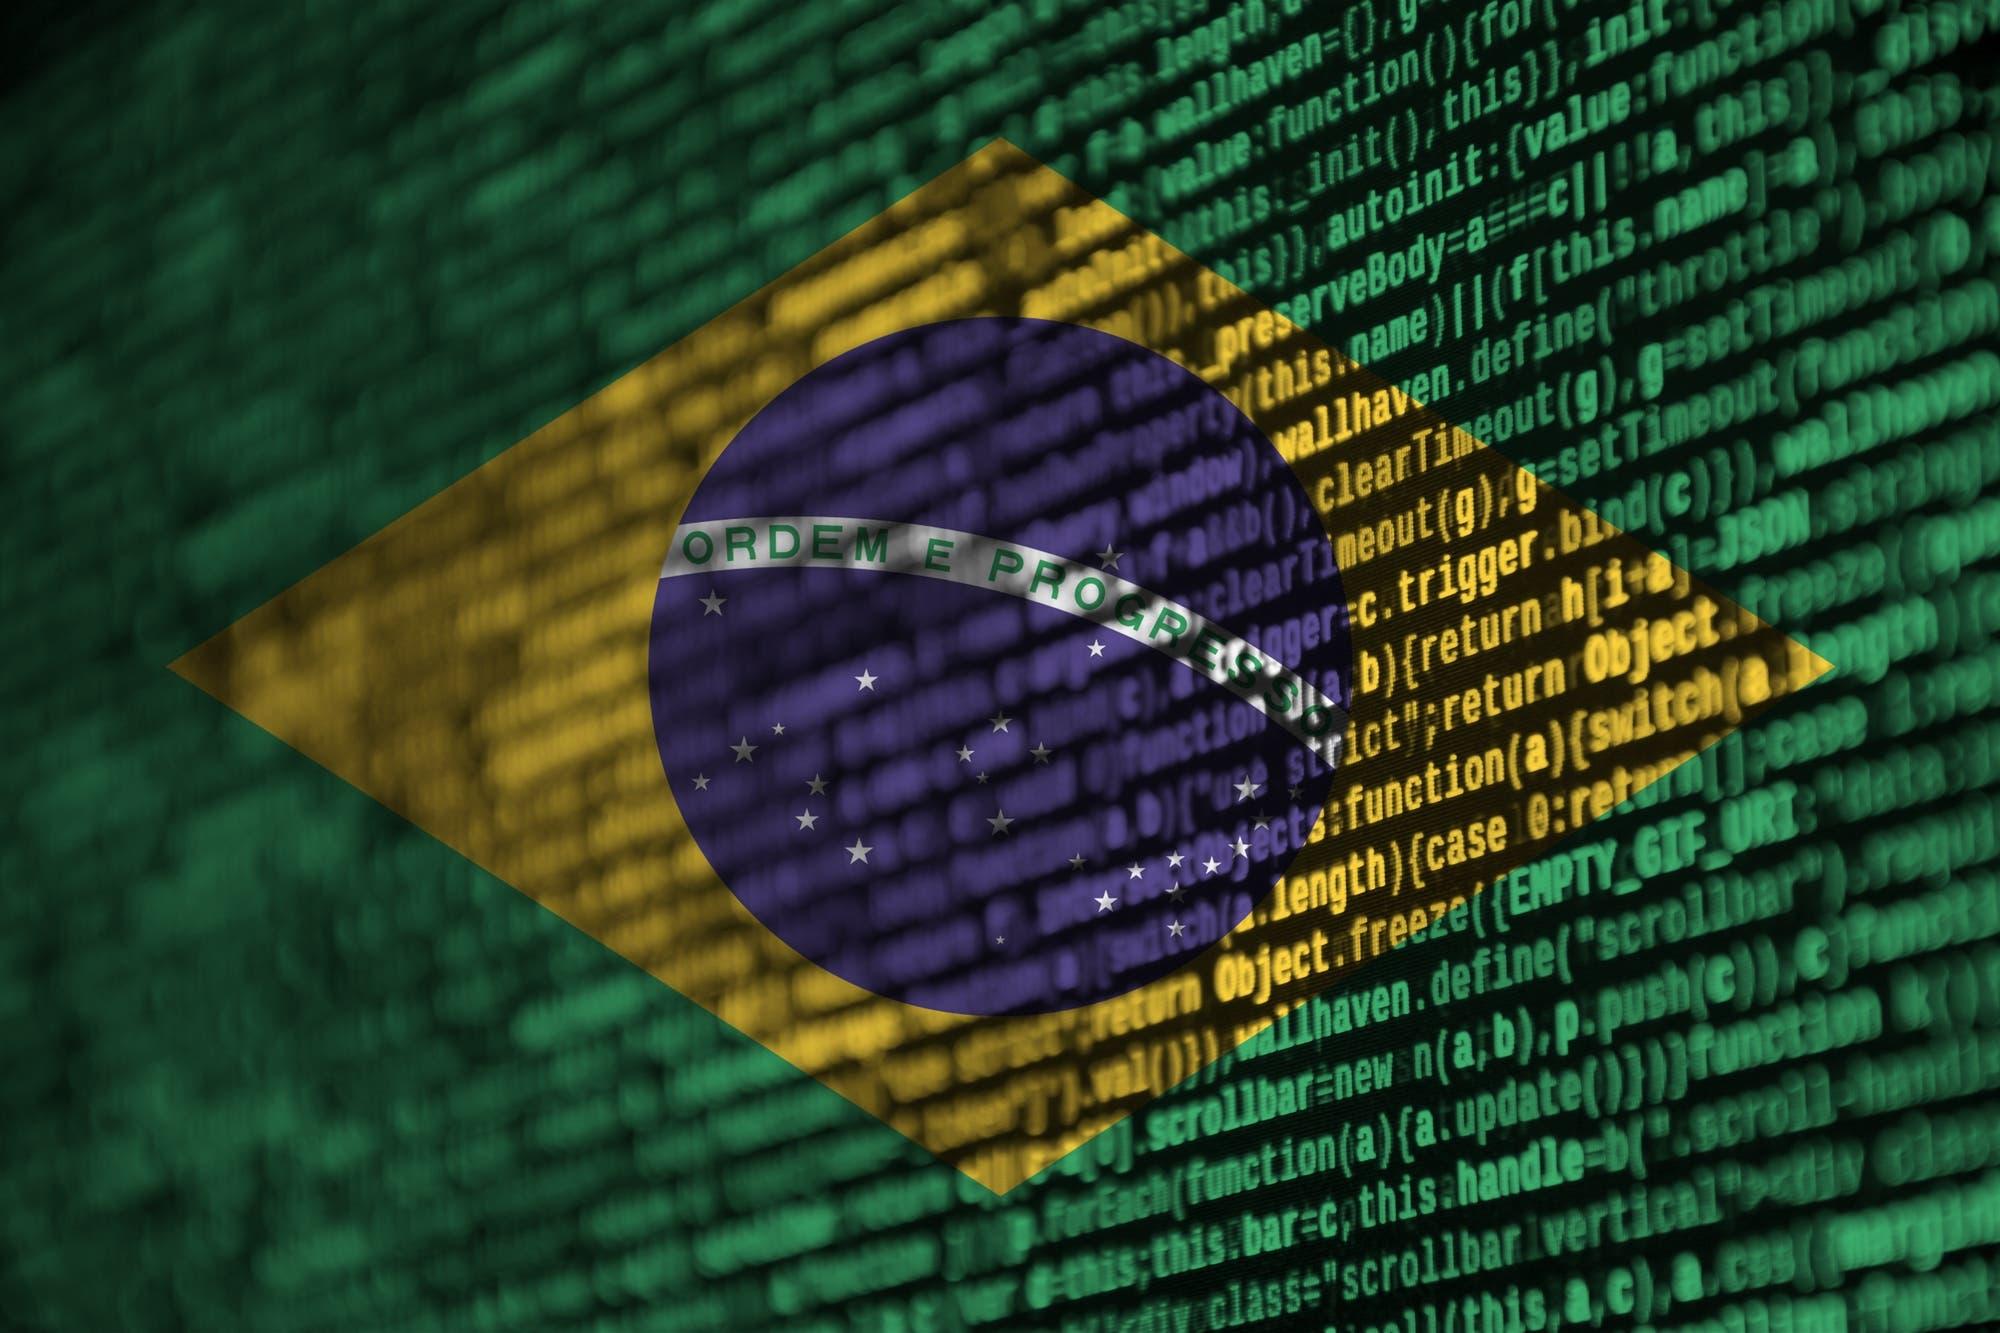 Subastan en la Deep Web los datos personales de 93 millones de ciudadanos brasileños